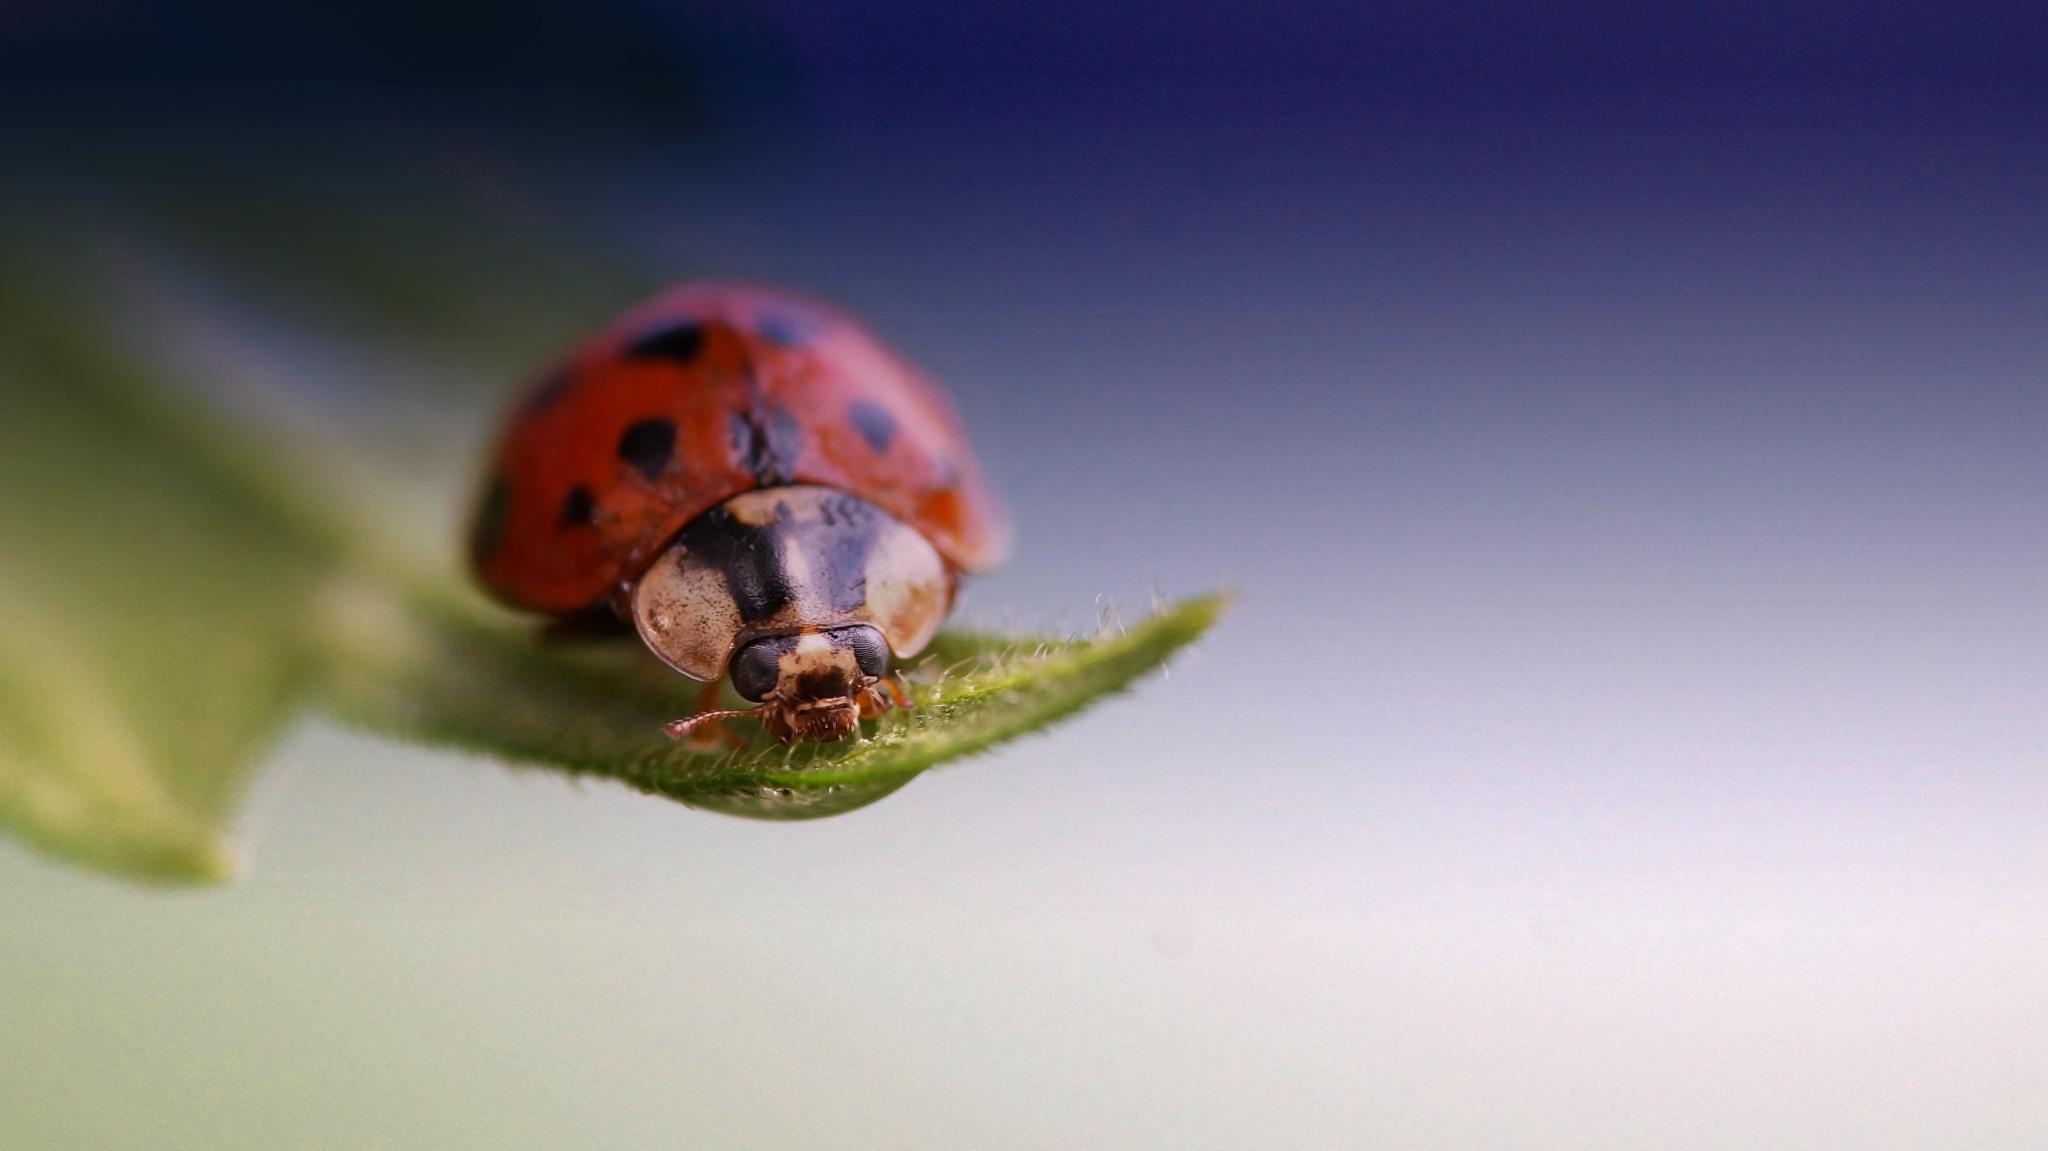 ladybug by leonnnnn